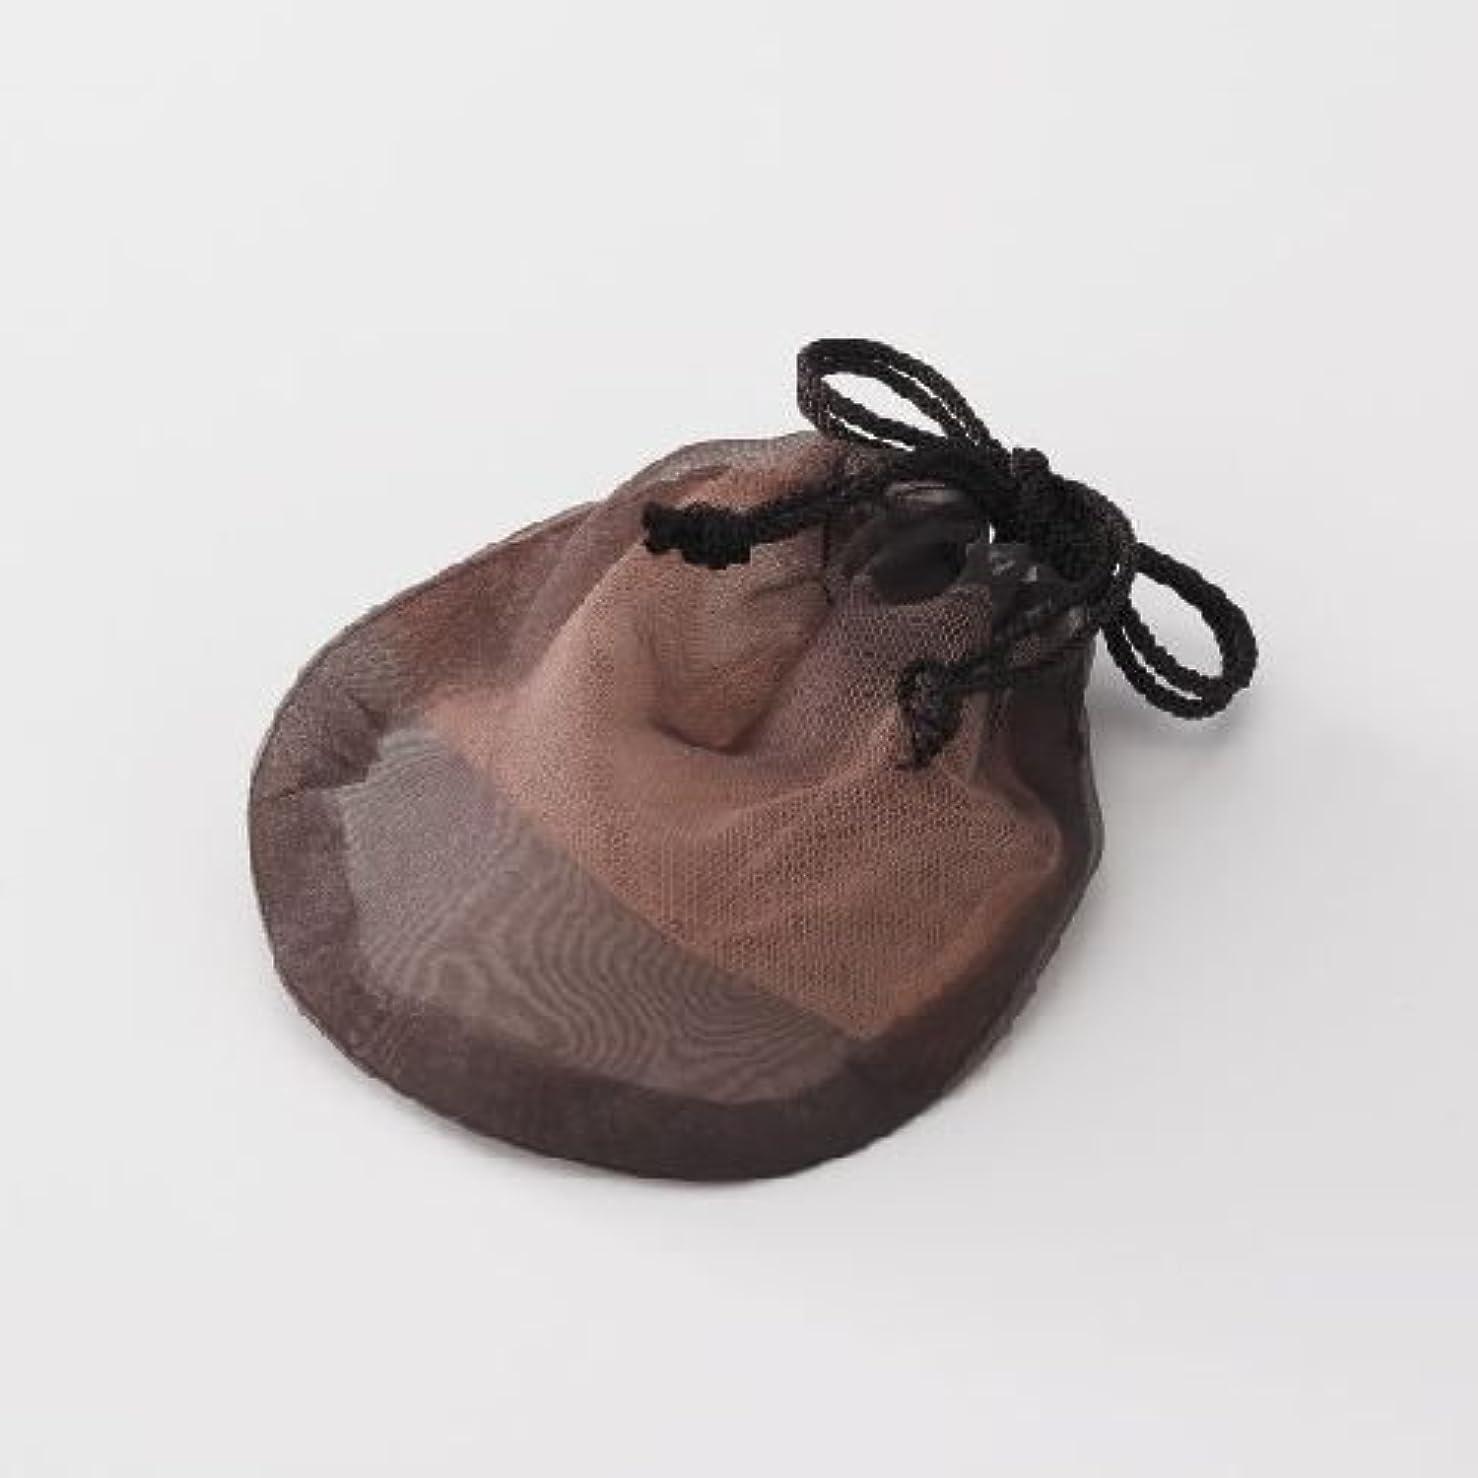 痴漢不忠修羅場ピギーバックス ソープネット 瞬時にマシュマロのようなお肌に負担をかけないキメ細かな泡をつくることができるオシャレなポーチ型オリジナル【泡だてネット】!衛生的に固形石鹸の保存もできます。